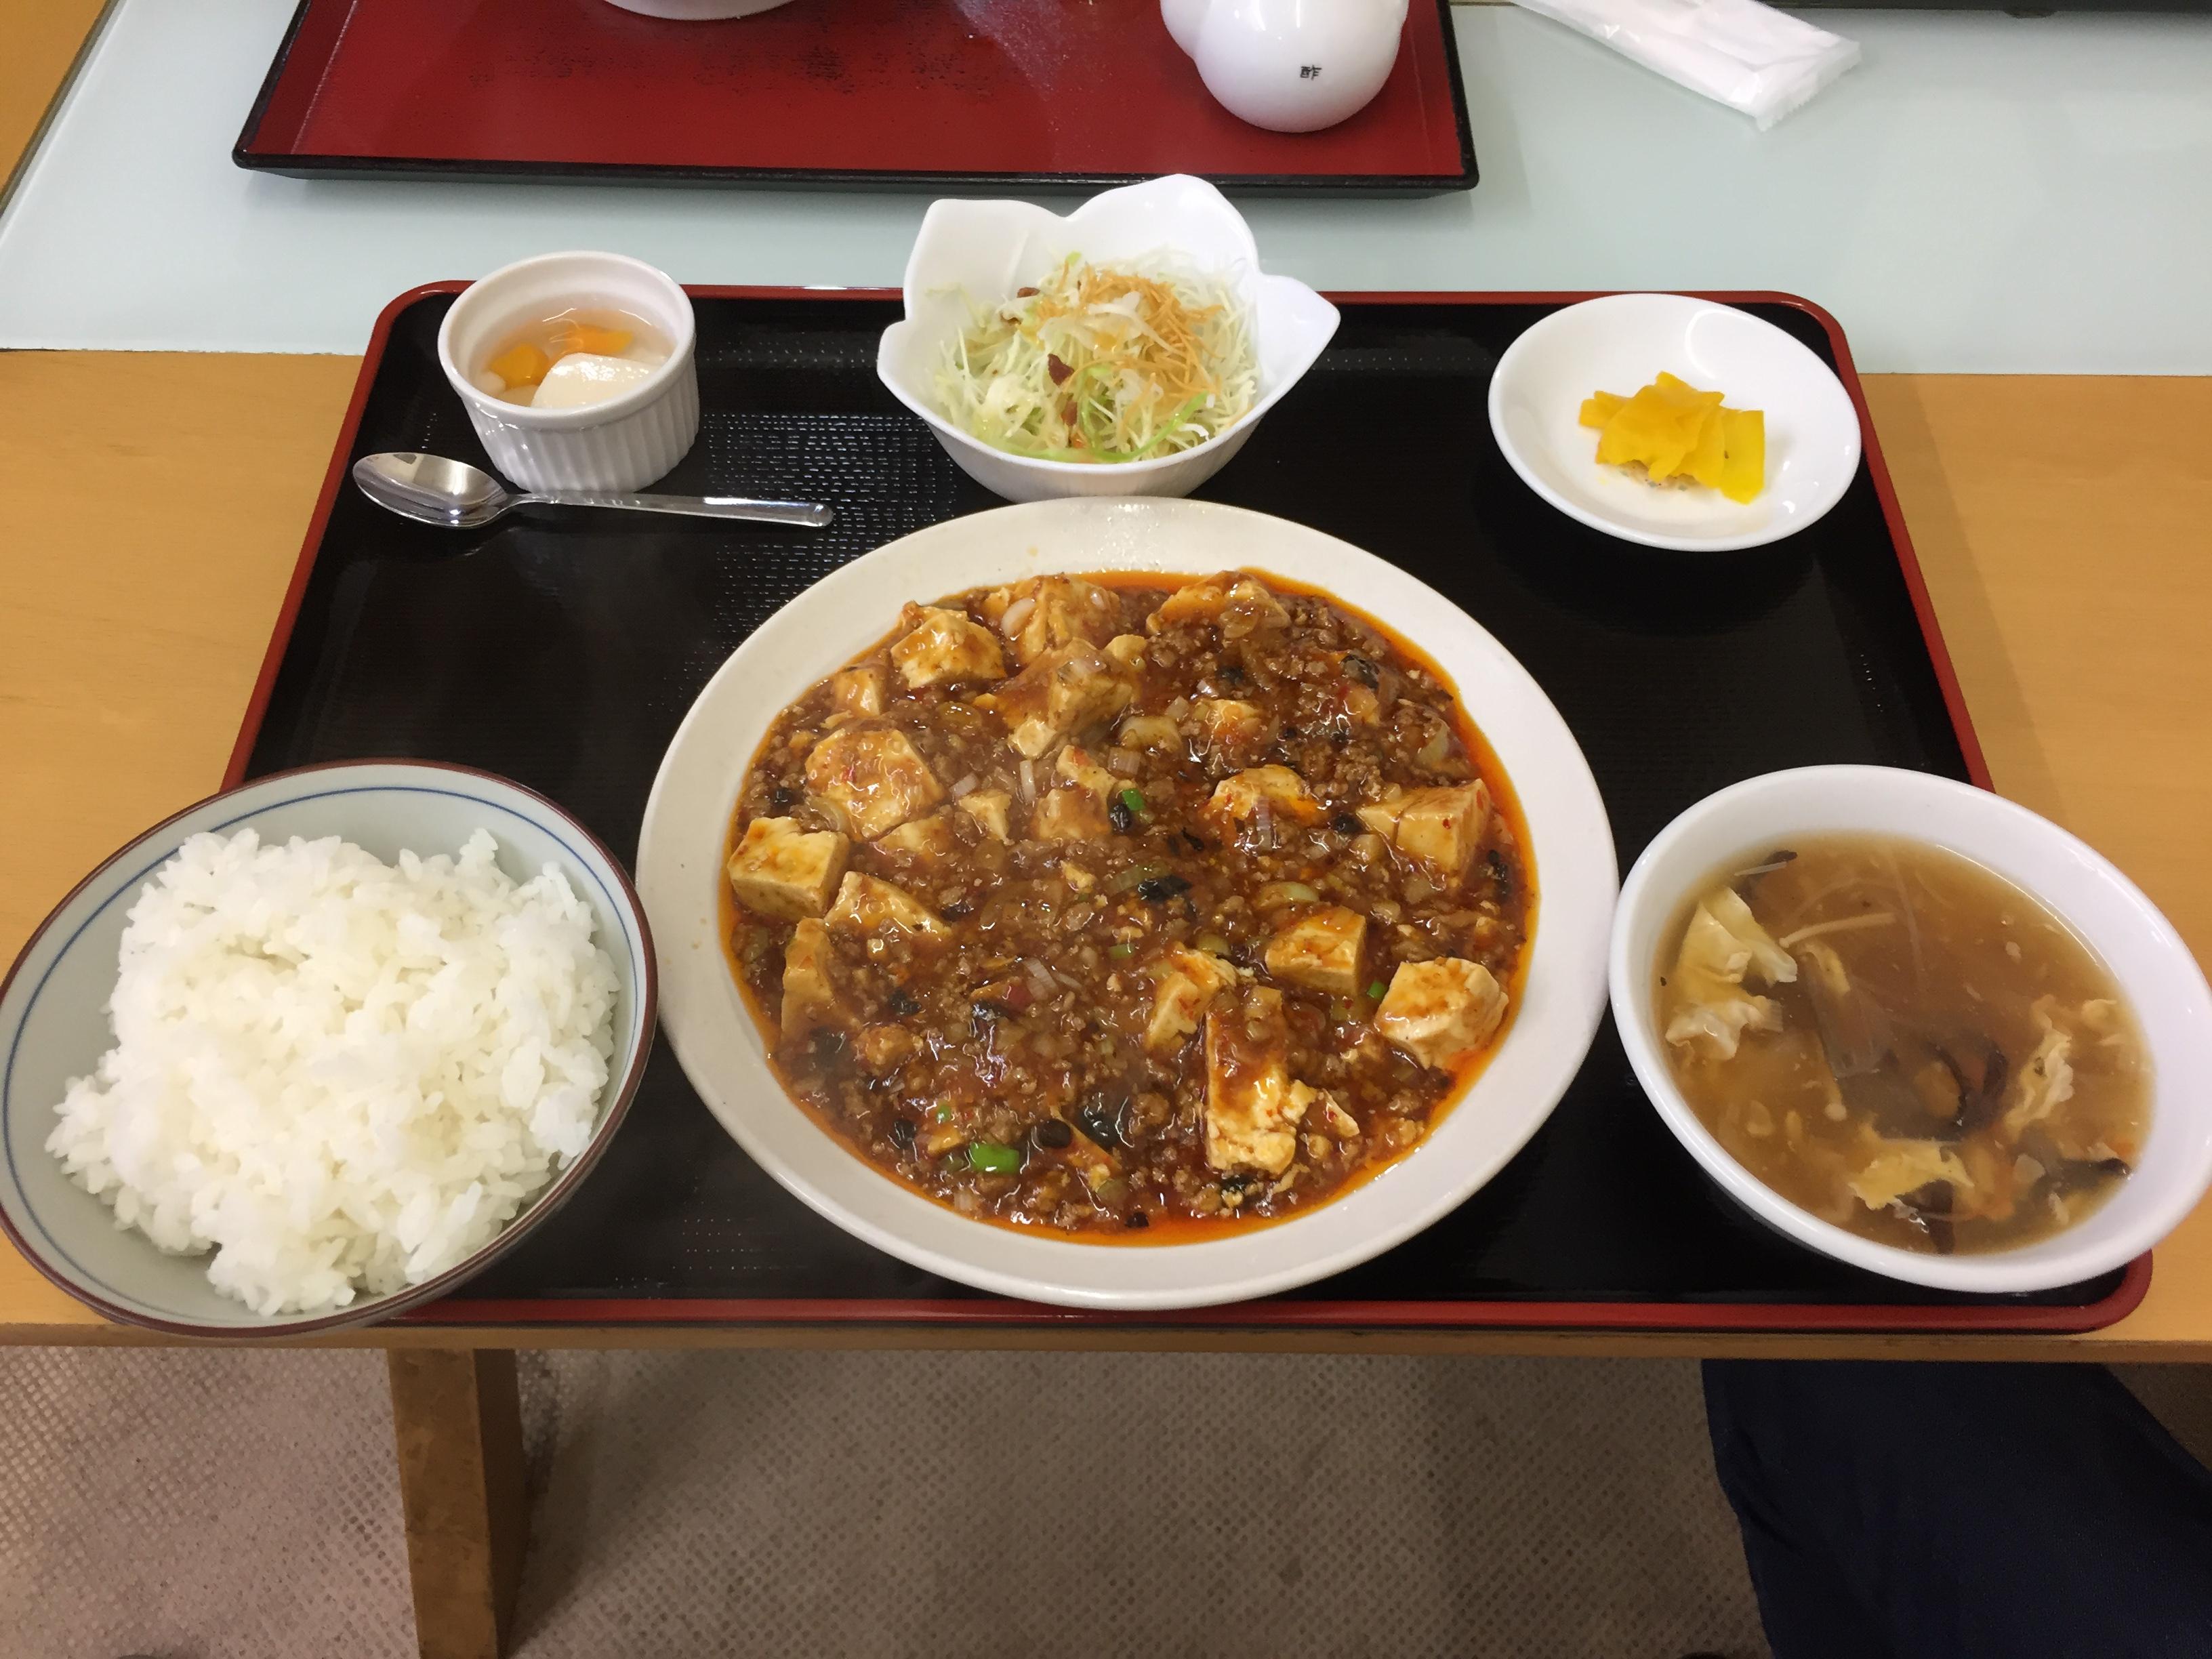 マーボ豆腐定食 850円